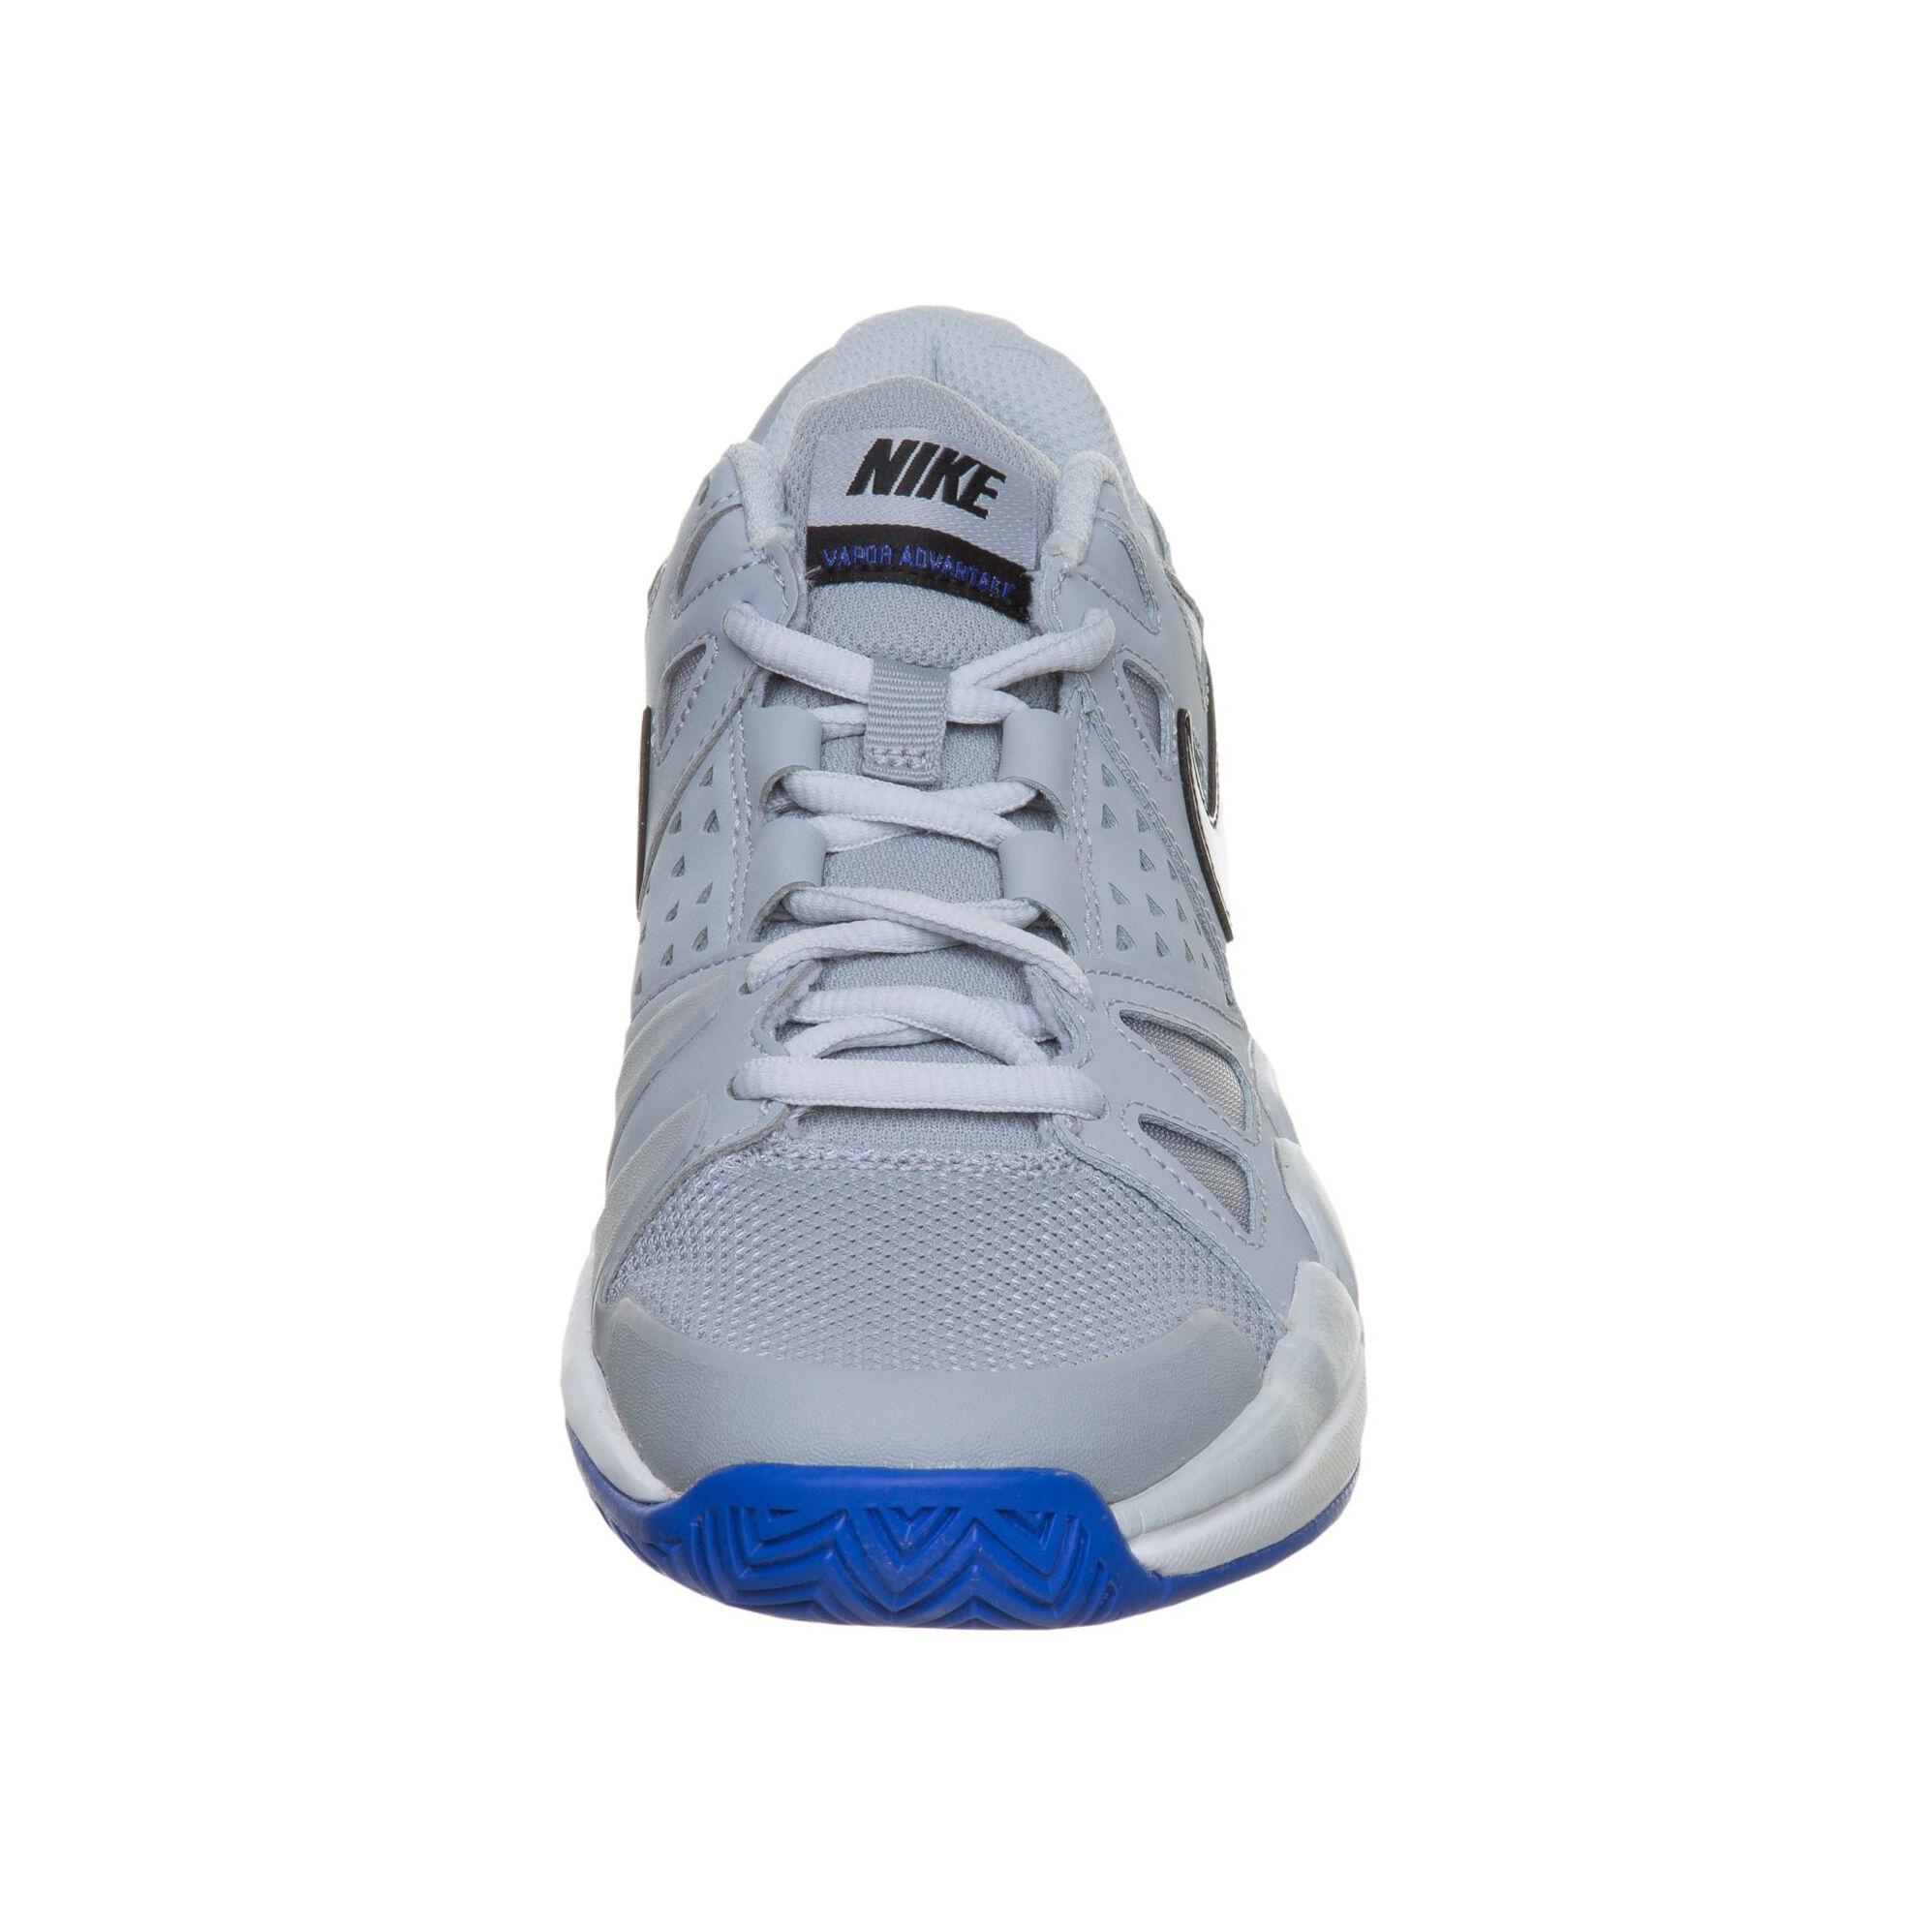 Nike Air Vapor Advantage Leather Allcourtschuh Kinder Weiß